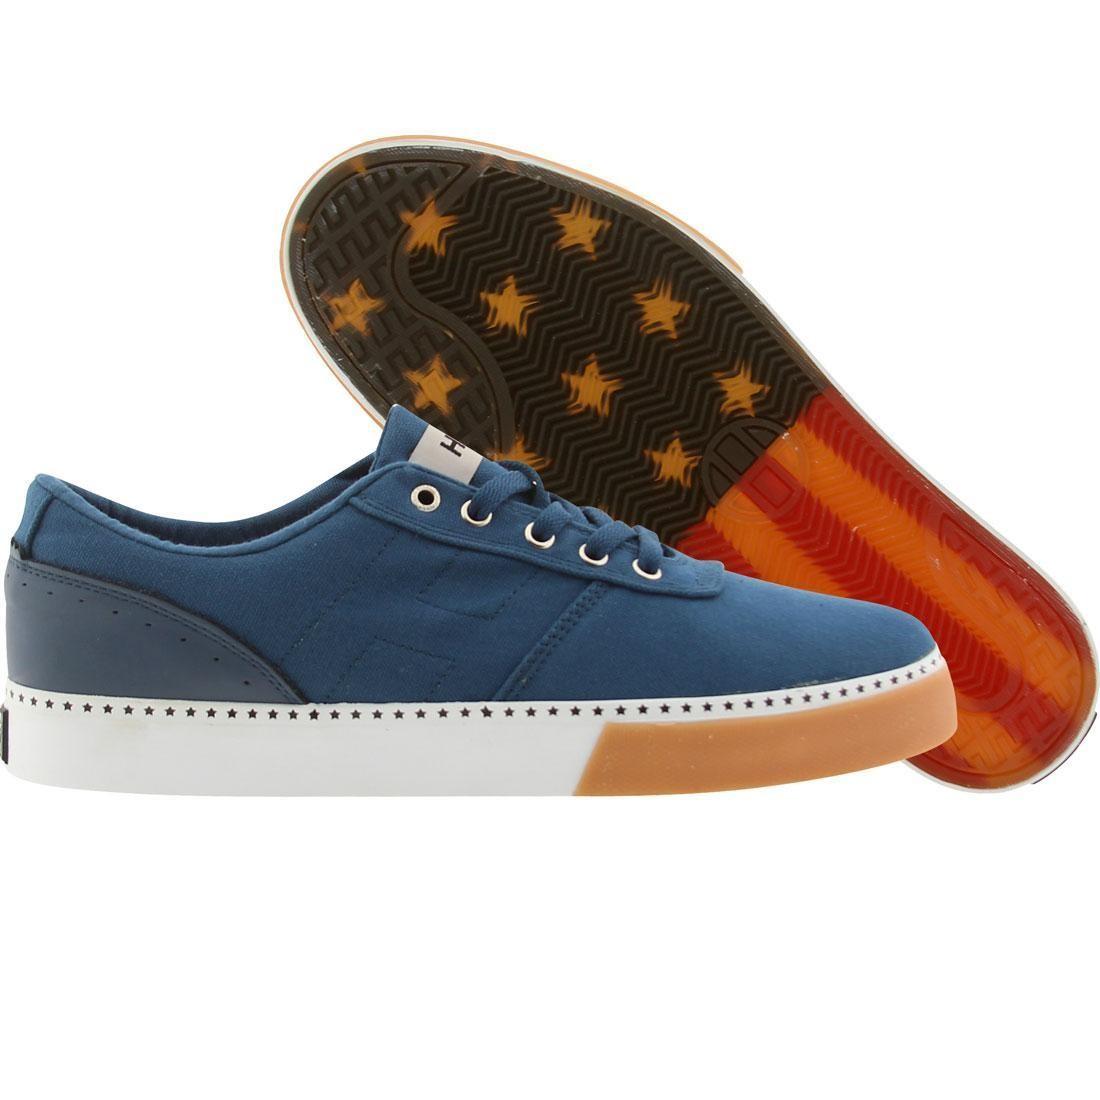 【海外限定】ハフ チョイス メンズ靴 スニーカー 【 HUF CHOICE STAR PACK NAVY GUM 】【送料無料】